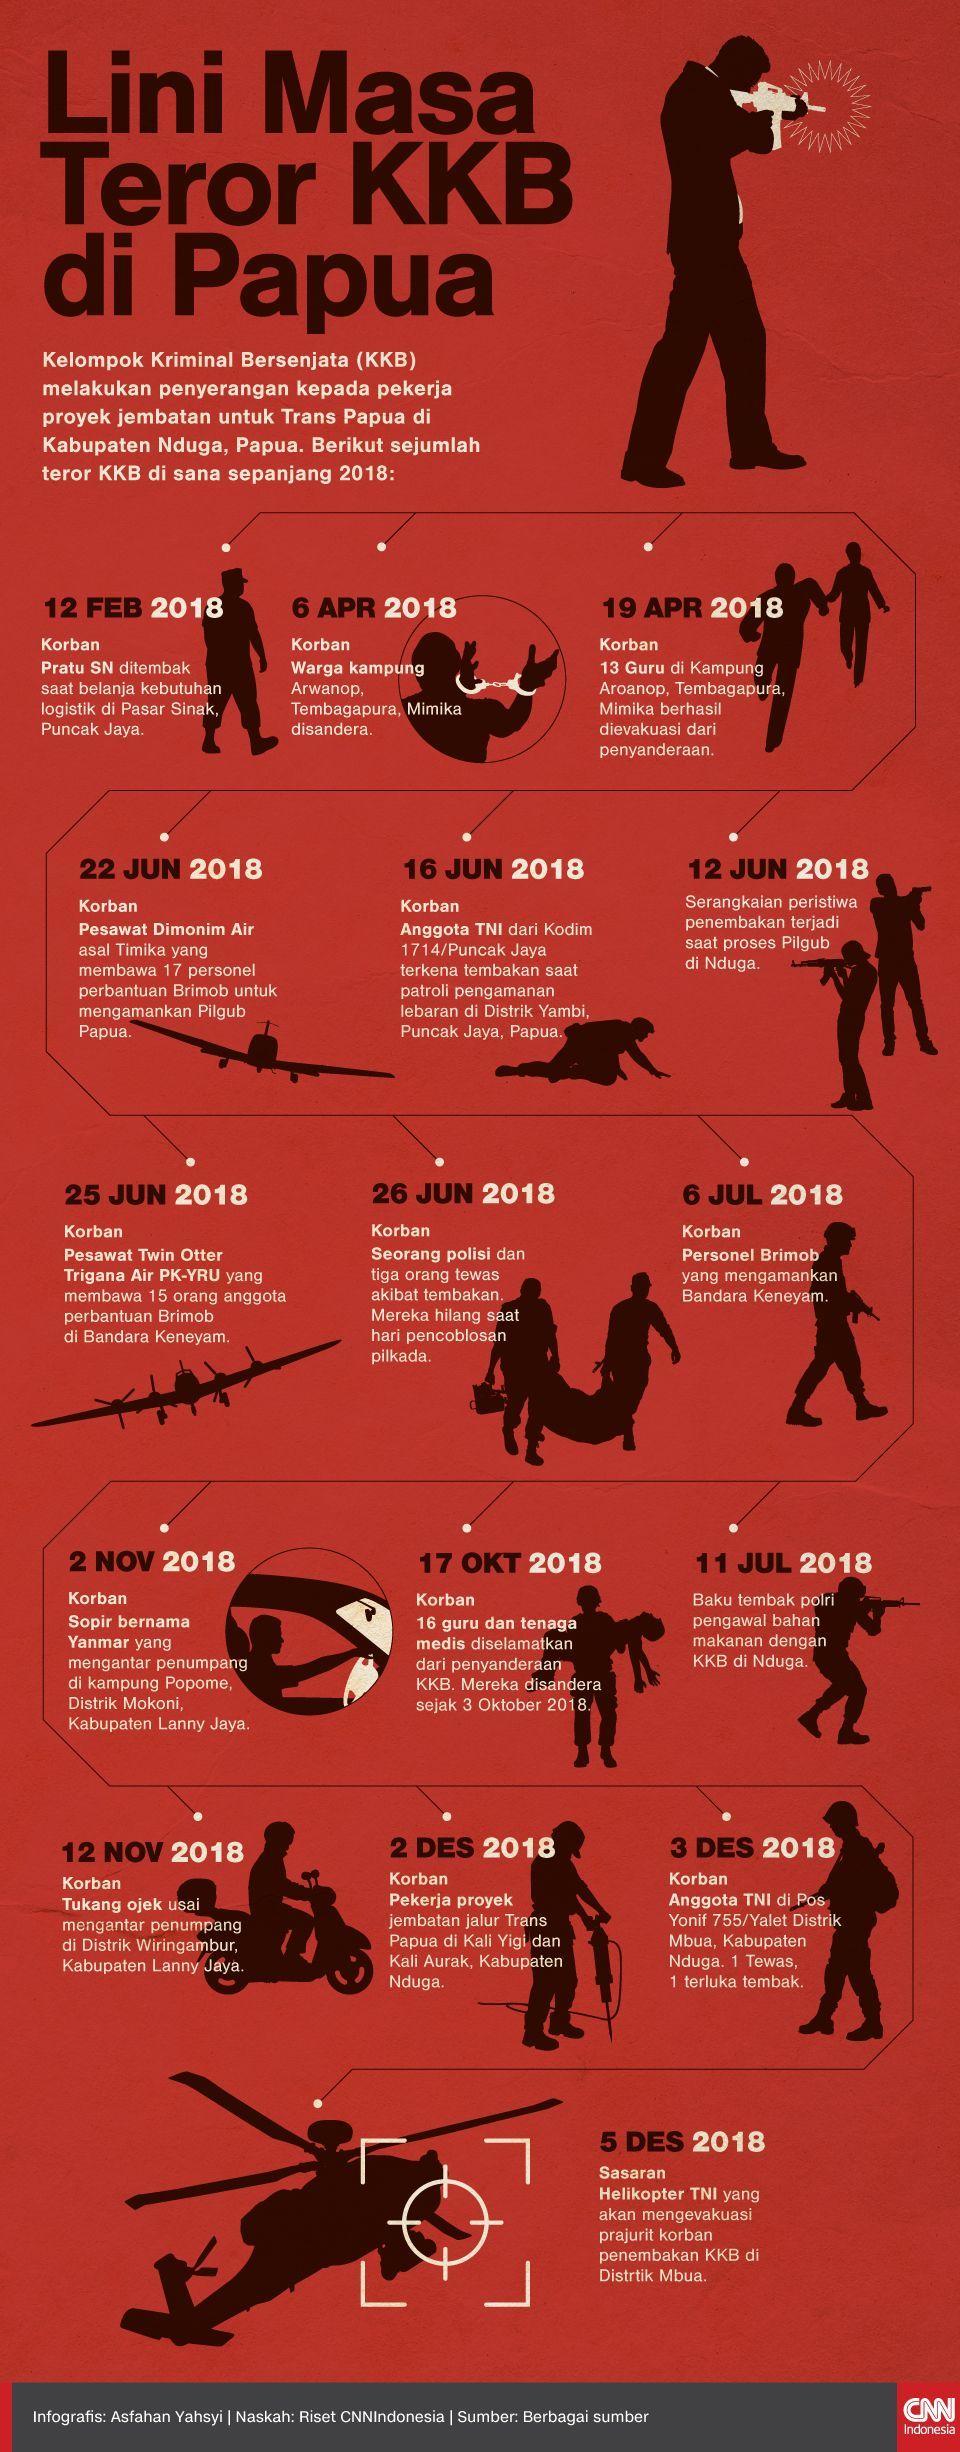 Infografis Lini Masa Teror KKSB di Papua